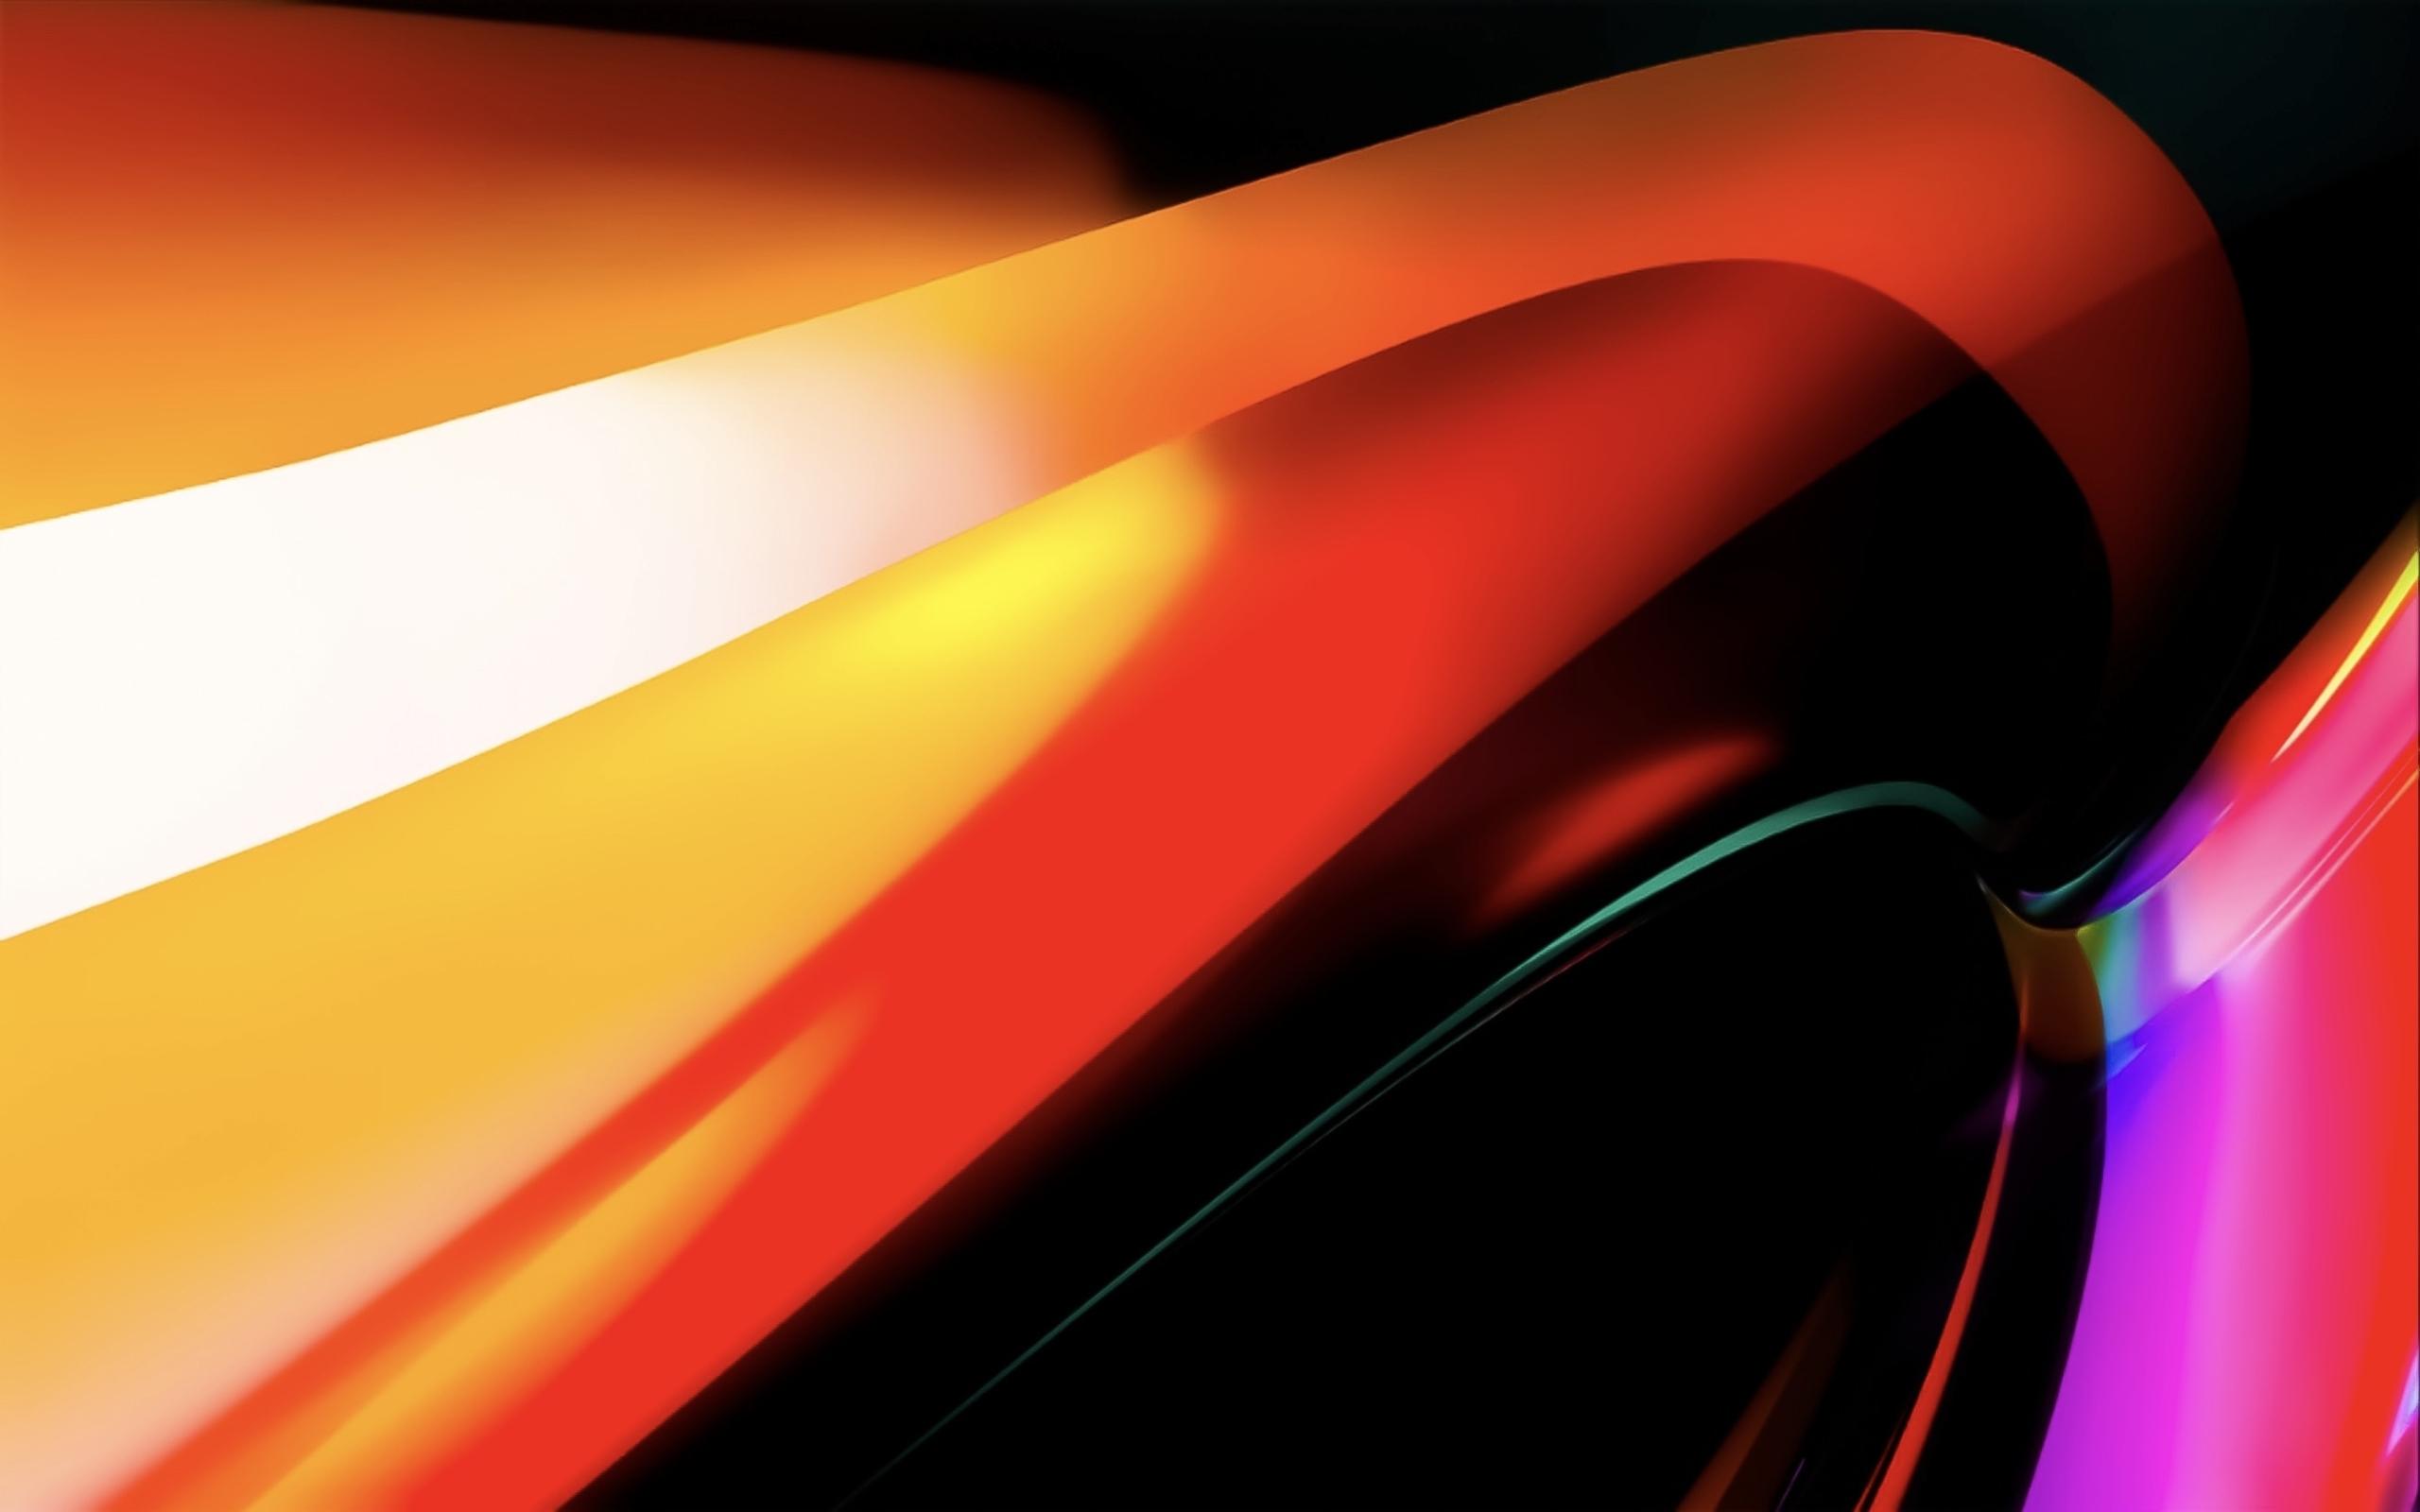 Macbook Pro 4k Wallpaper Orange Apple Stock Abstract 1381